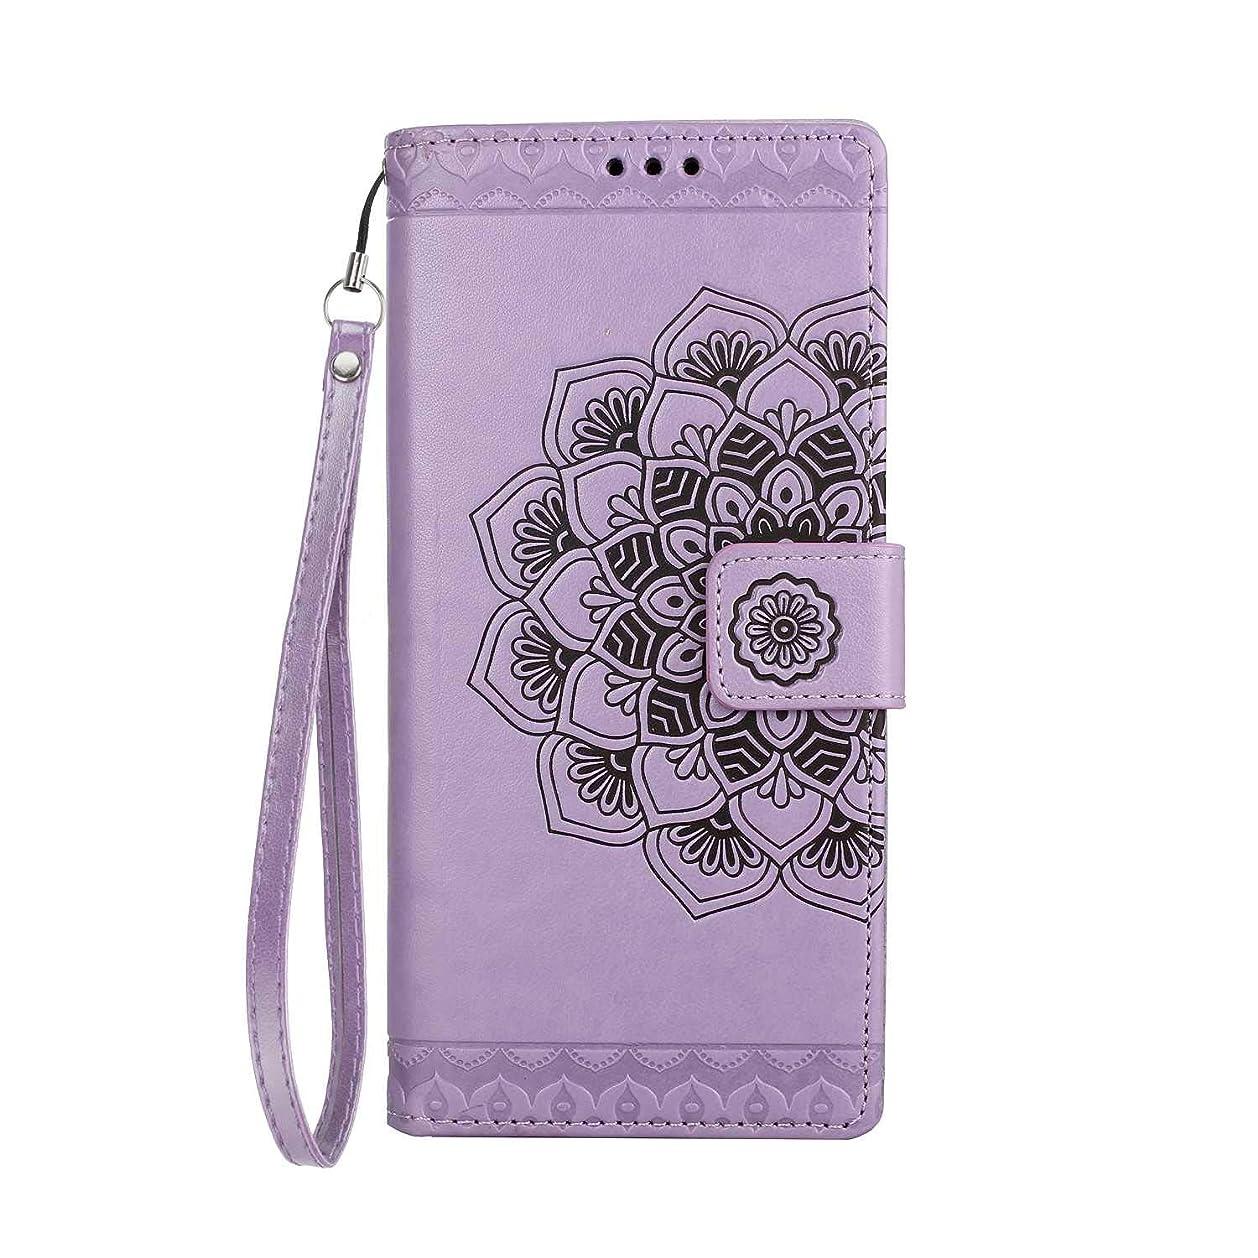 追記アロング動詞Zeebox? Galaxy Note 8 ケース, マンダラのエンボス加工 手帳型 PUレザー ケース スタンド機能付き スマホカバー マグネット付き シンプル カード収納 耐衝撃 財布型 カバー Galaxy Note 8 用 Case Cover, パープル